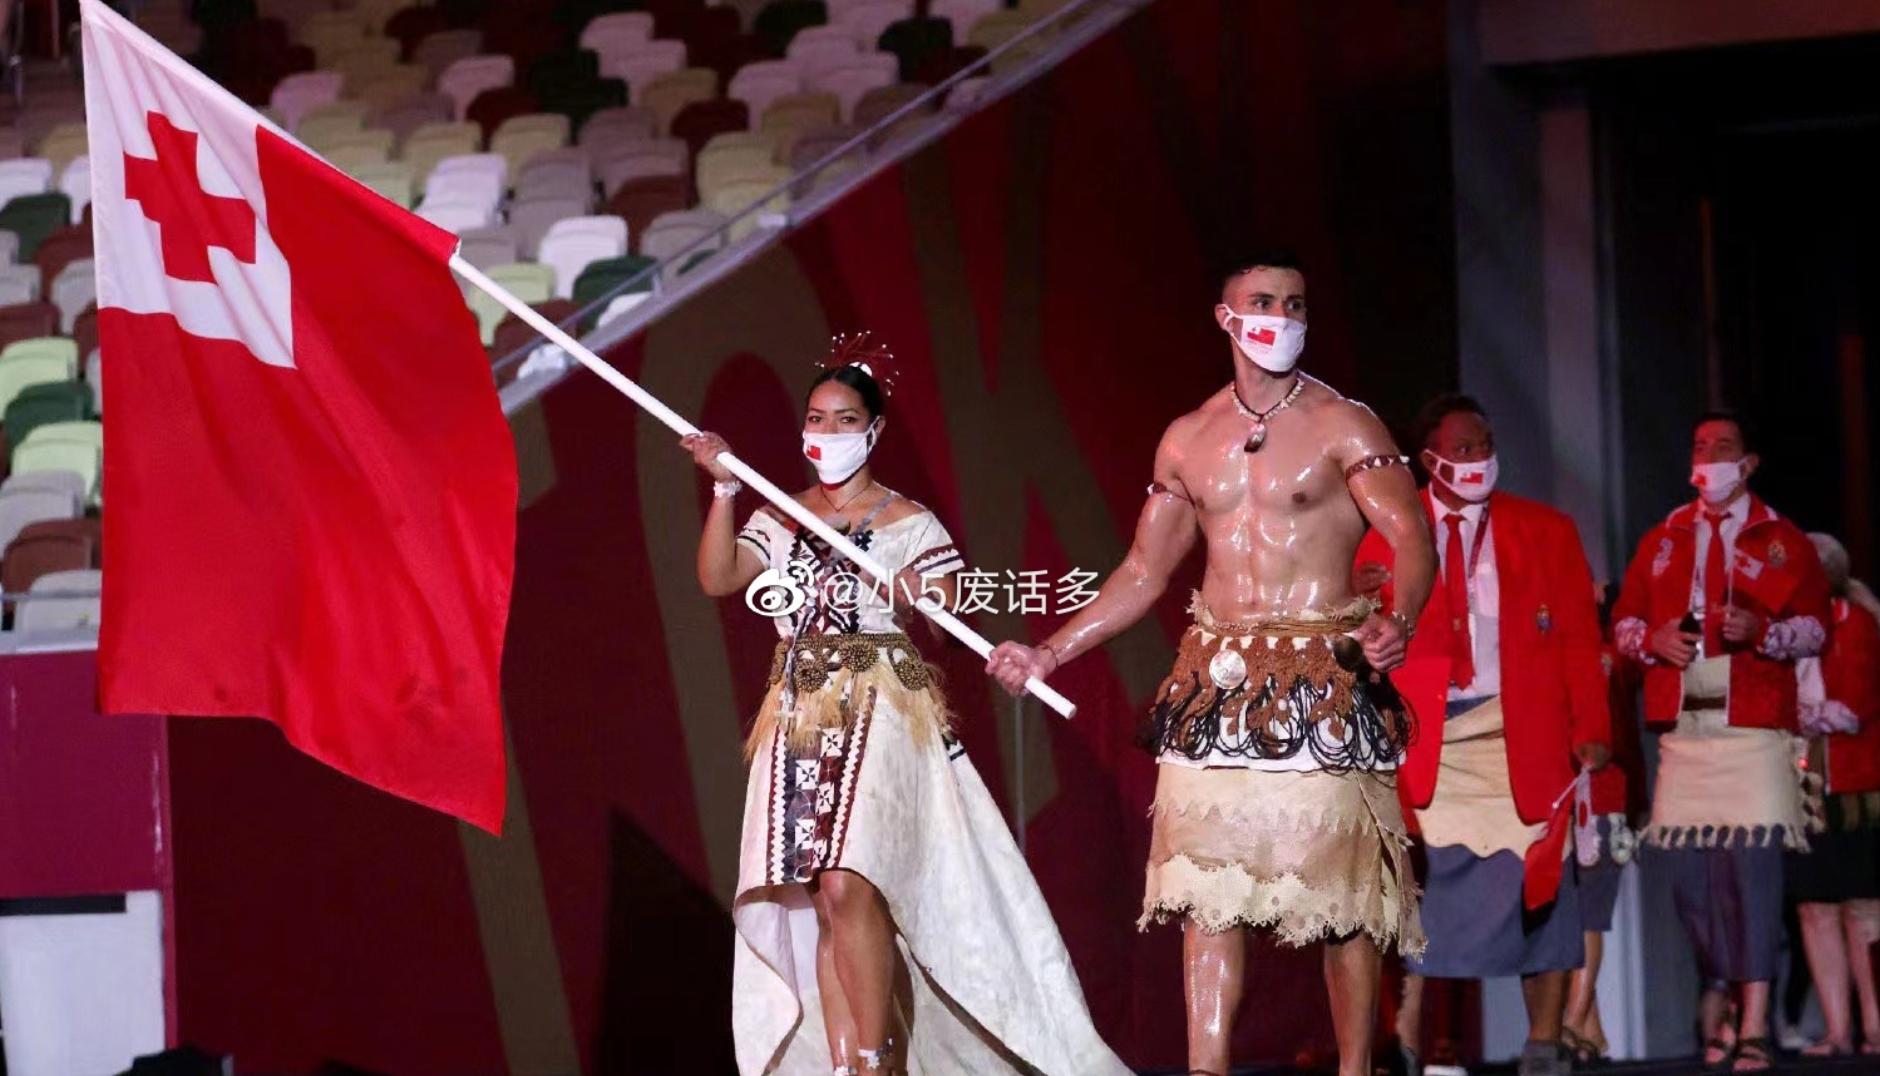 东京奥运会开幕,神仙颜值扎堆上线,网友:救命,好看的人太多了